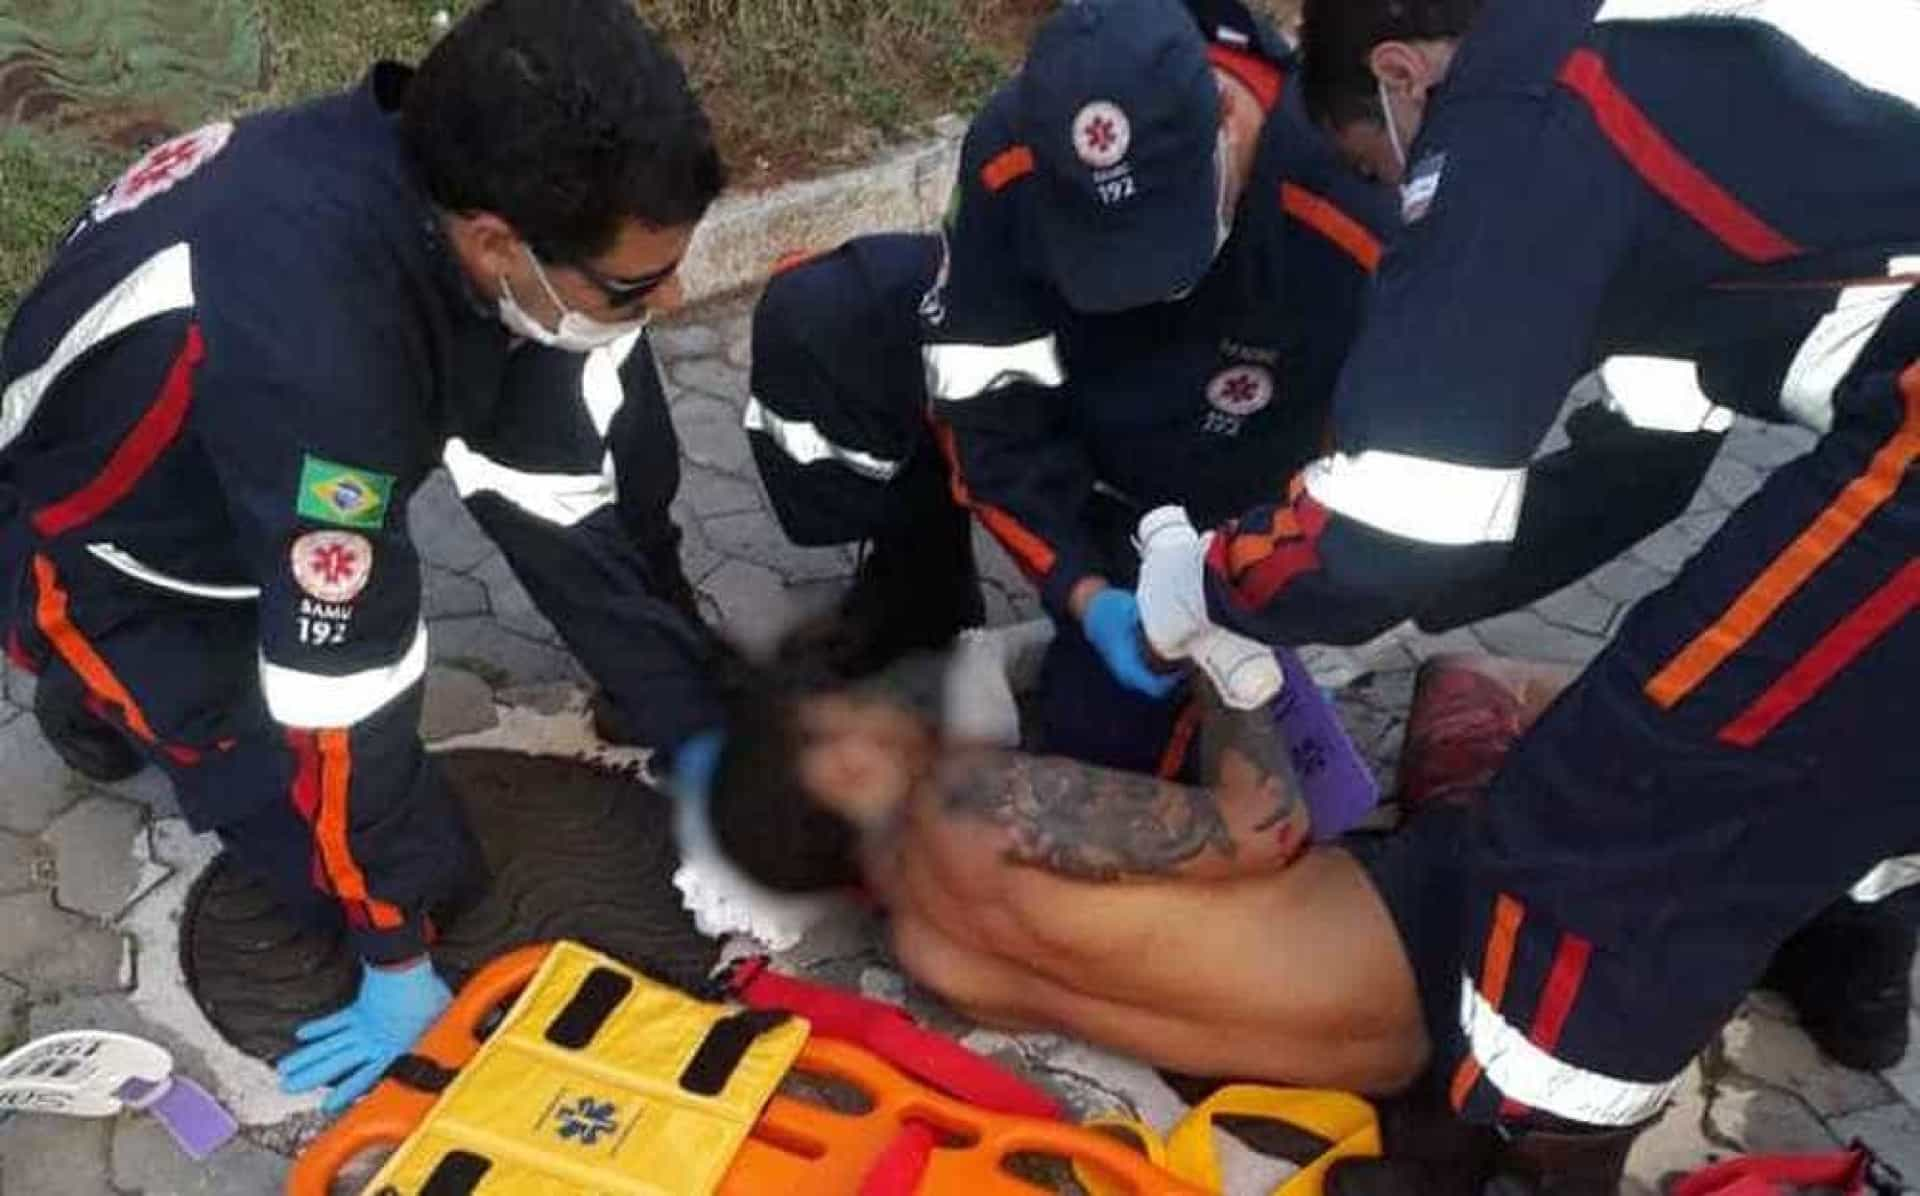 Homem espanca mulher, pula de prédio para fugir da polícia e é preso